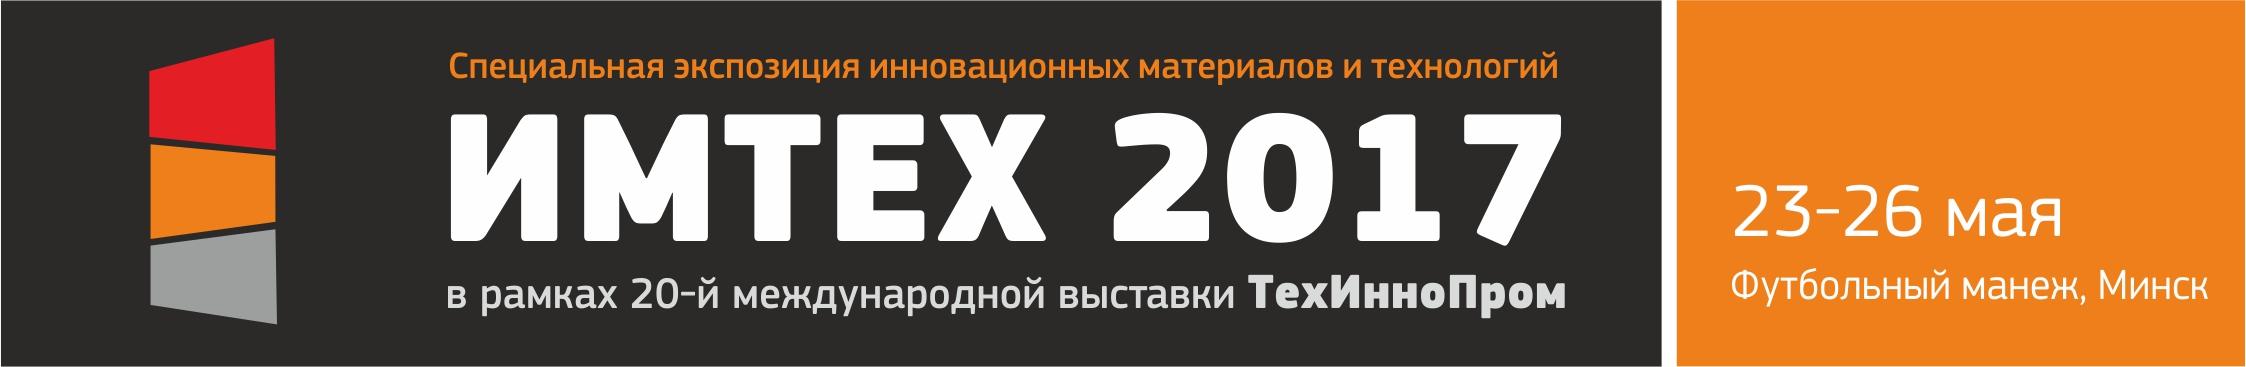 Имтех 2017 на Белорусском промышленном форуме 2017